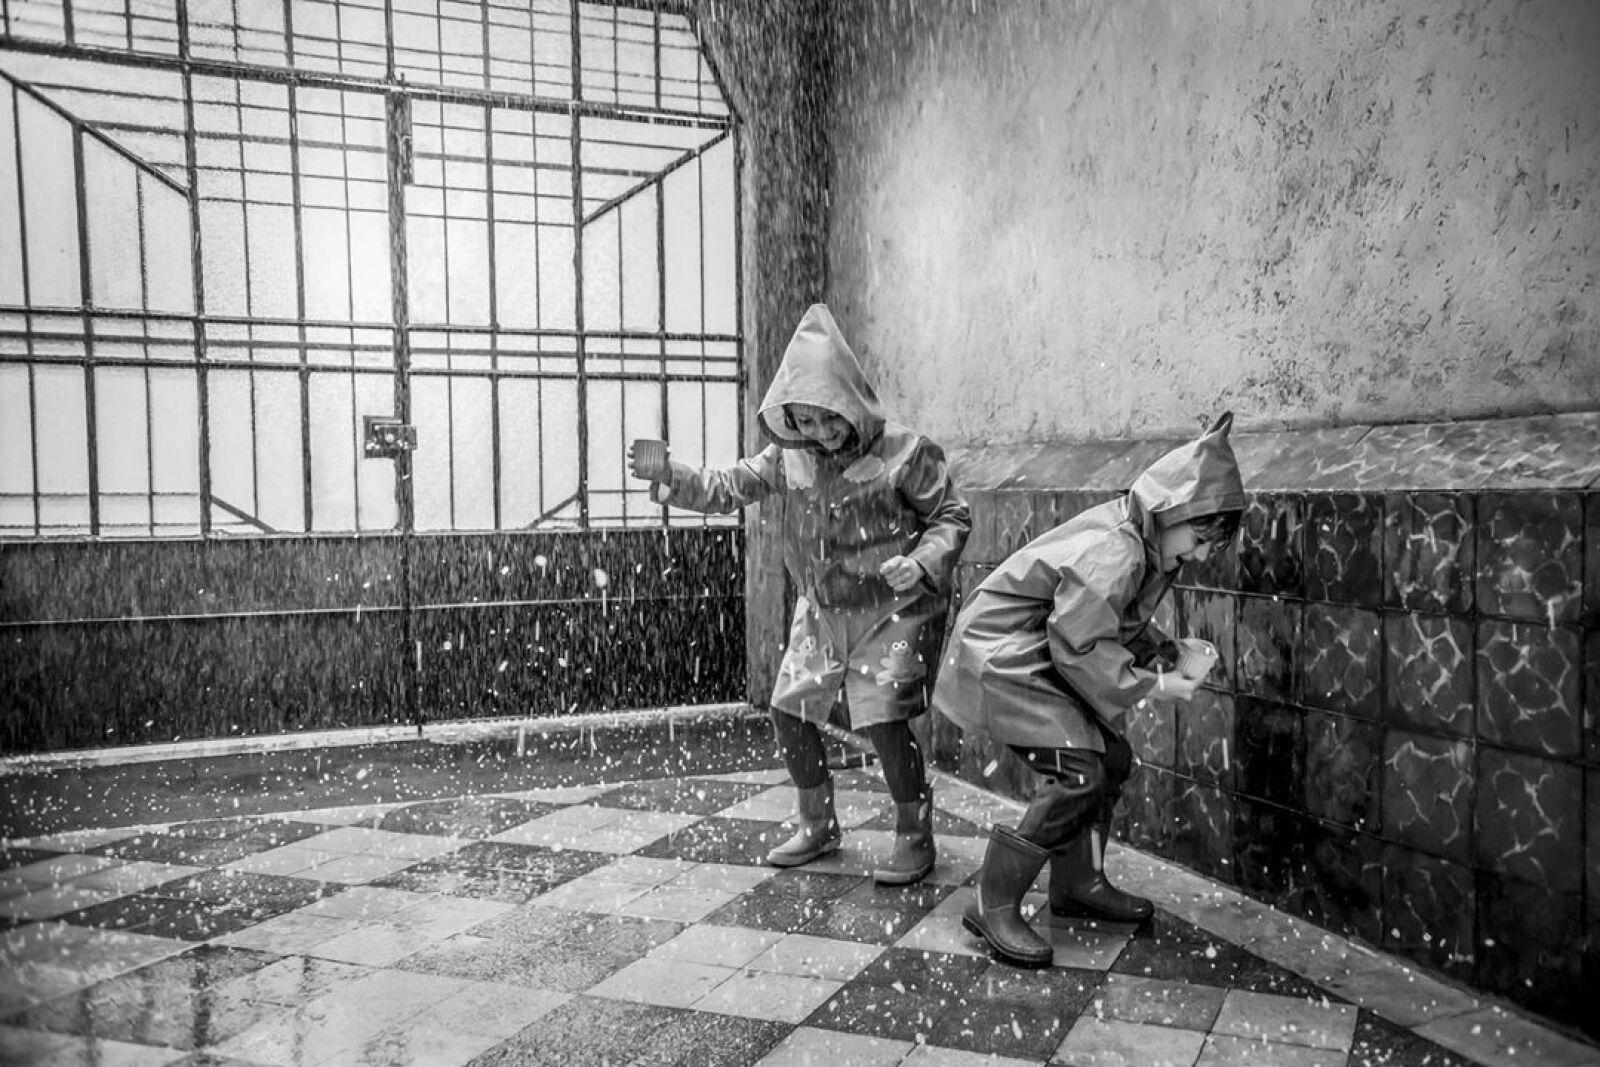 Pepe y Paco jugando en la lluvia.